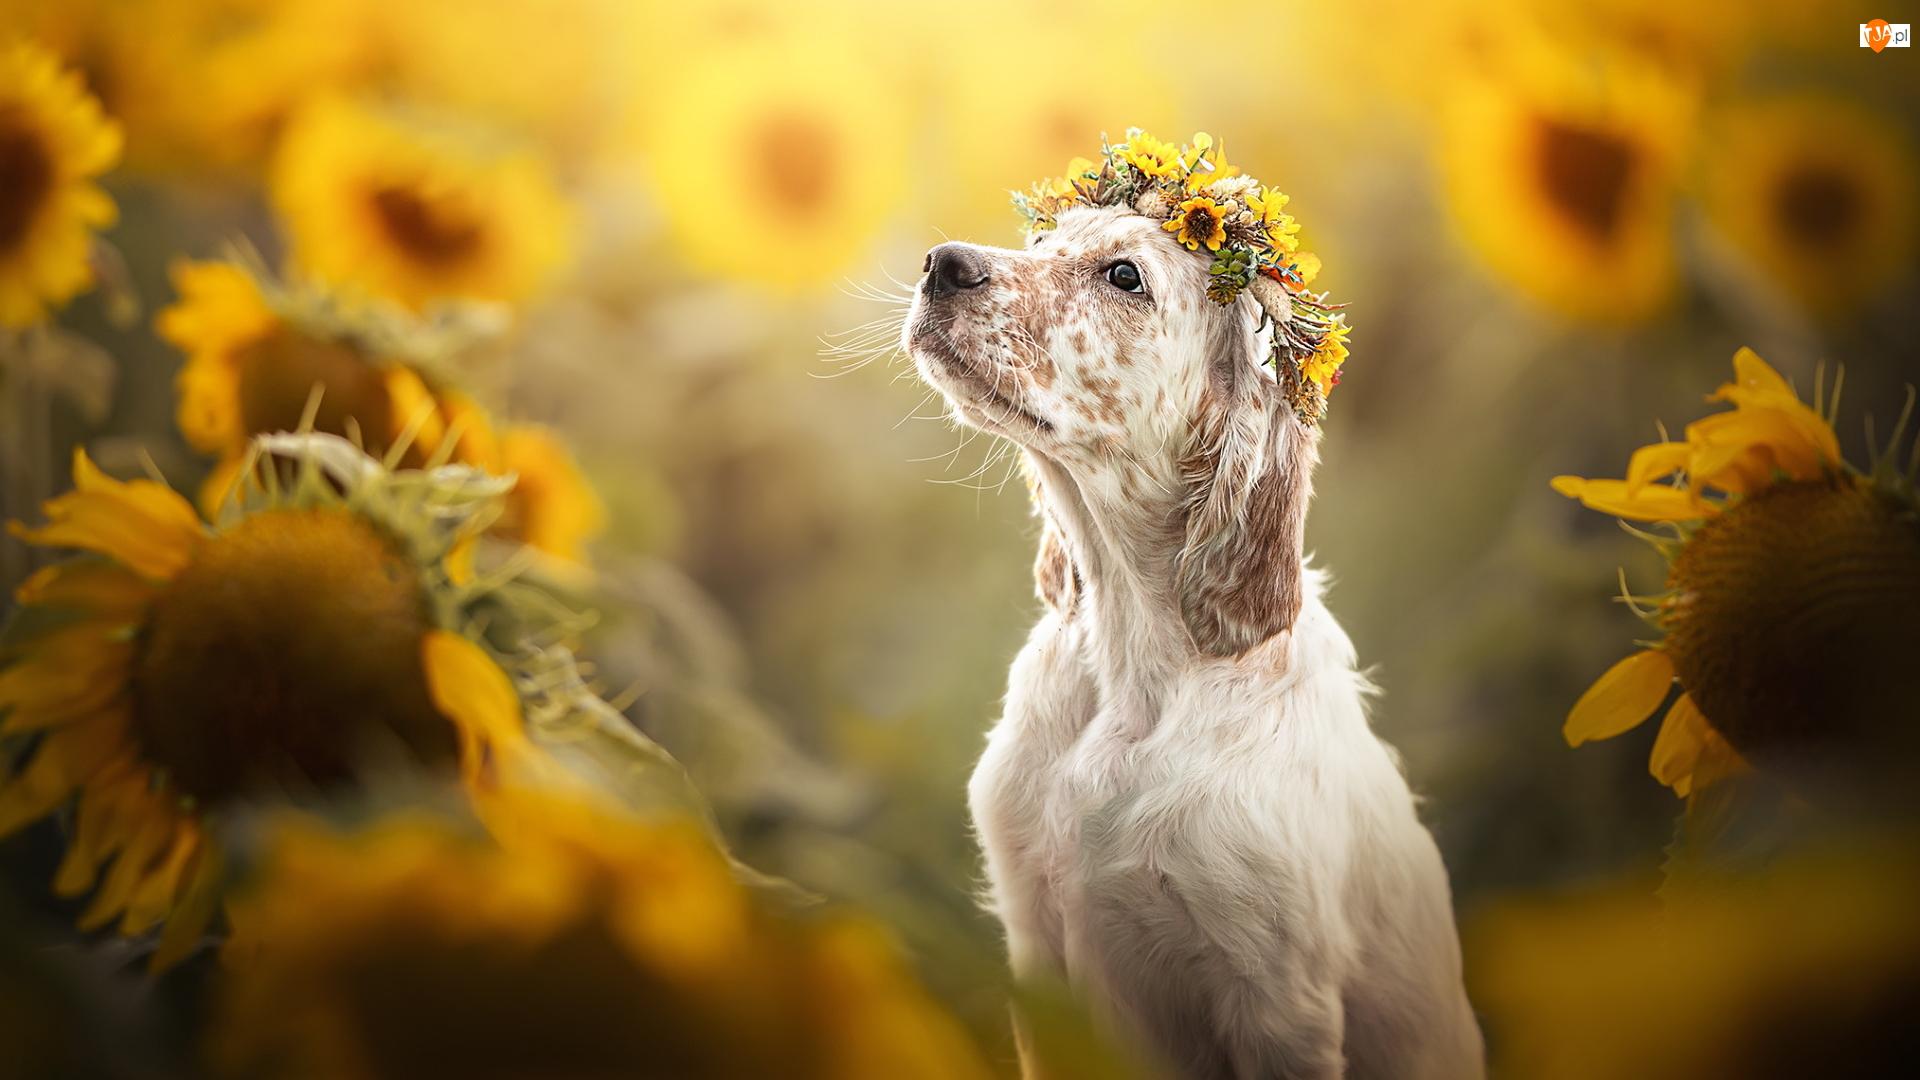 Słoneczniki, Pies, Wianek, Kwiaty